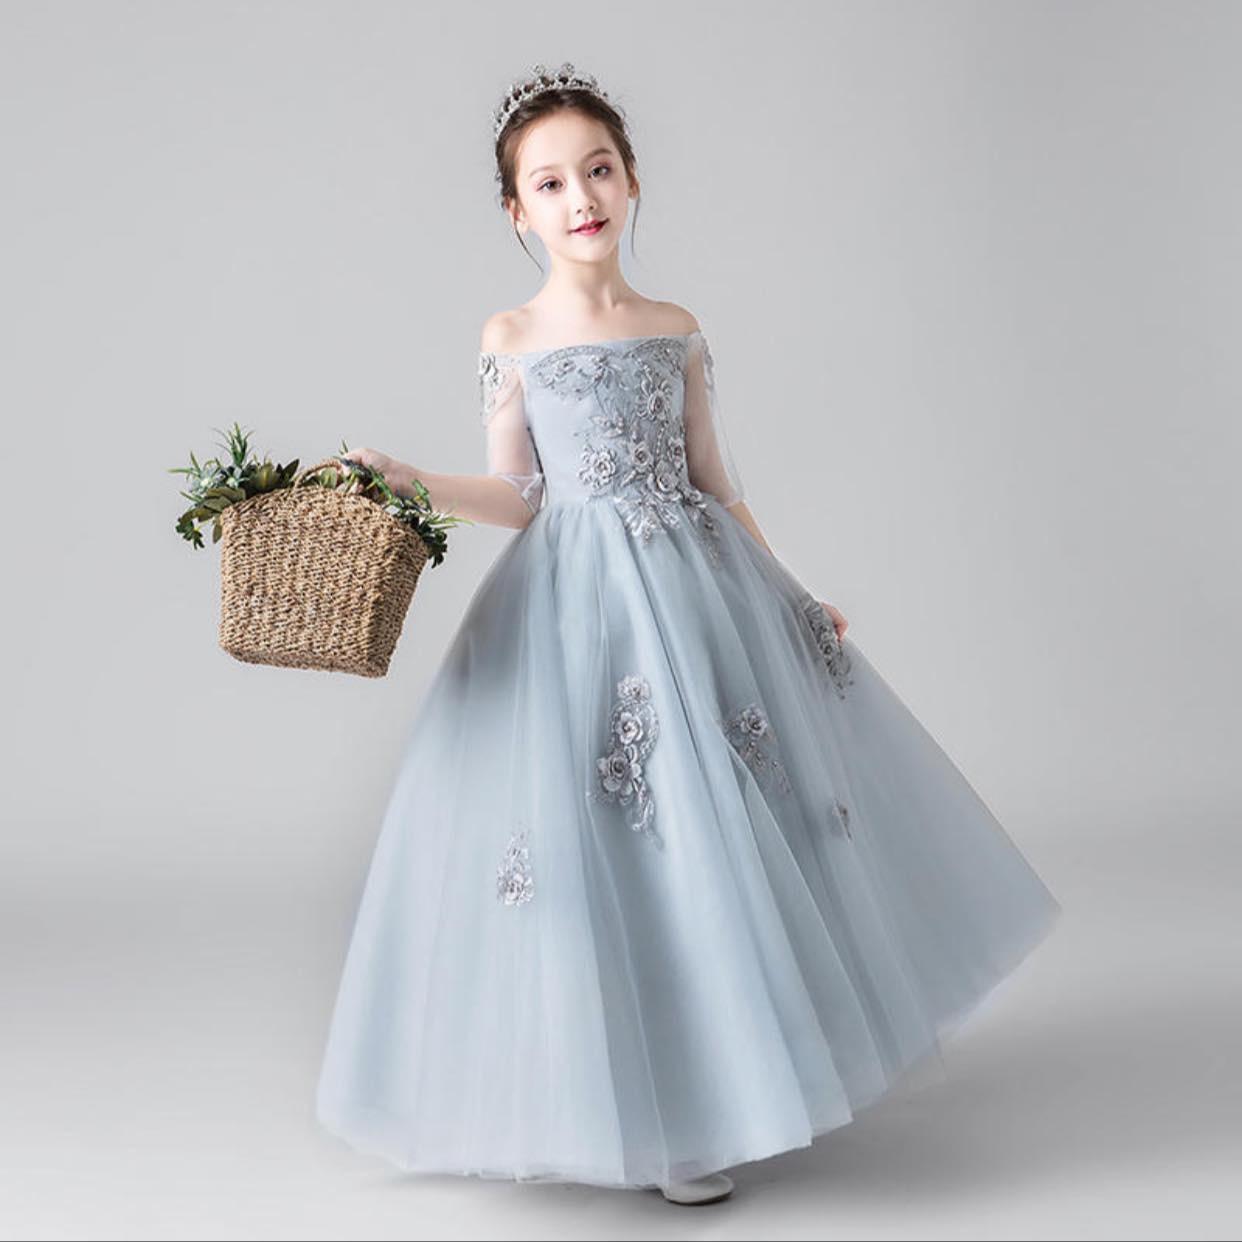 Váy công chúa cao cấp trẻ em mã 177 | Jinshop.vip